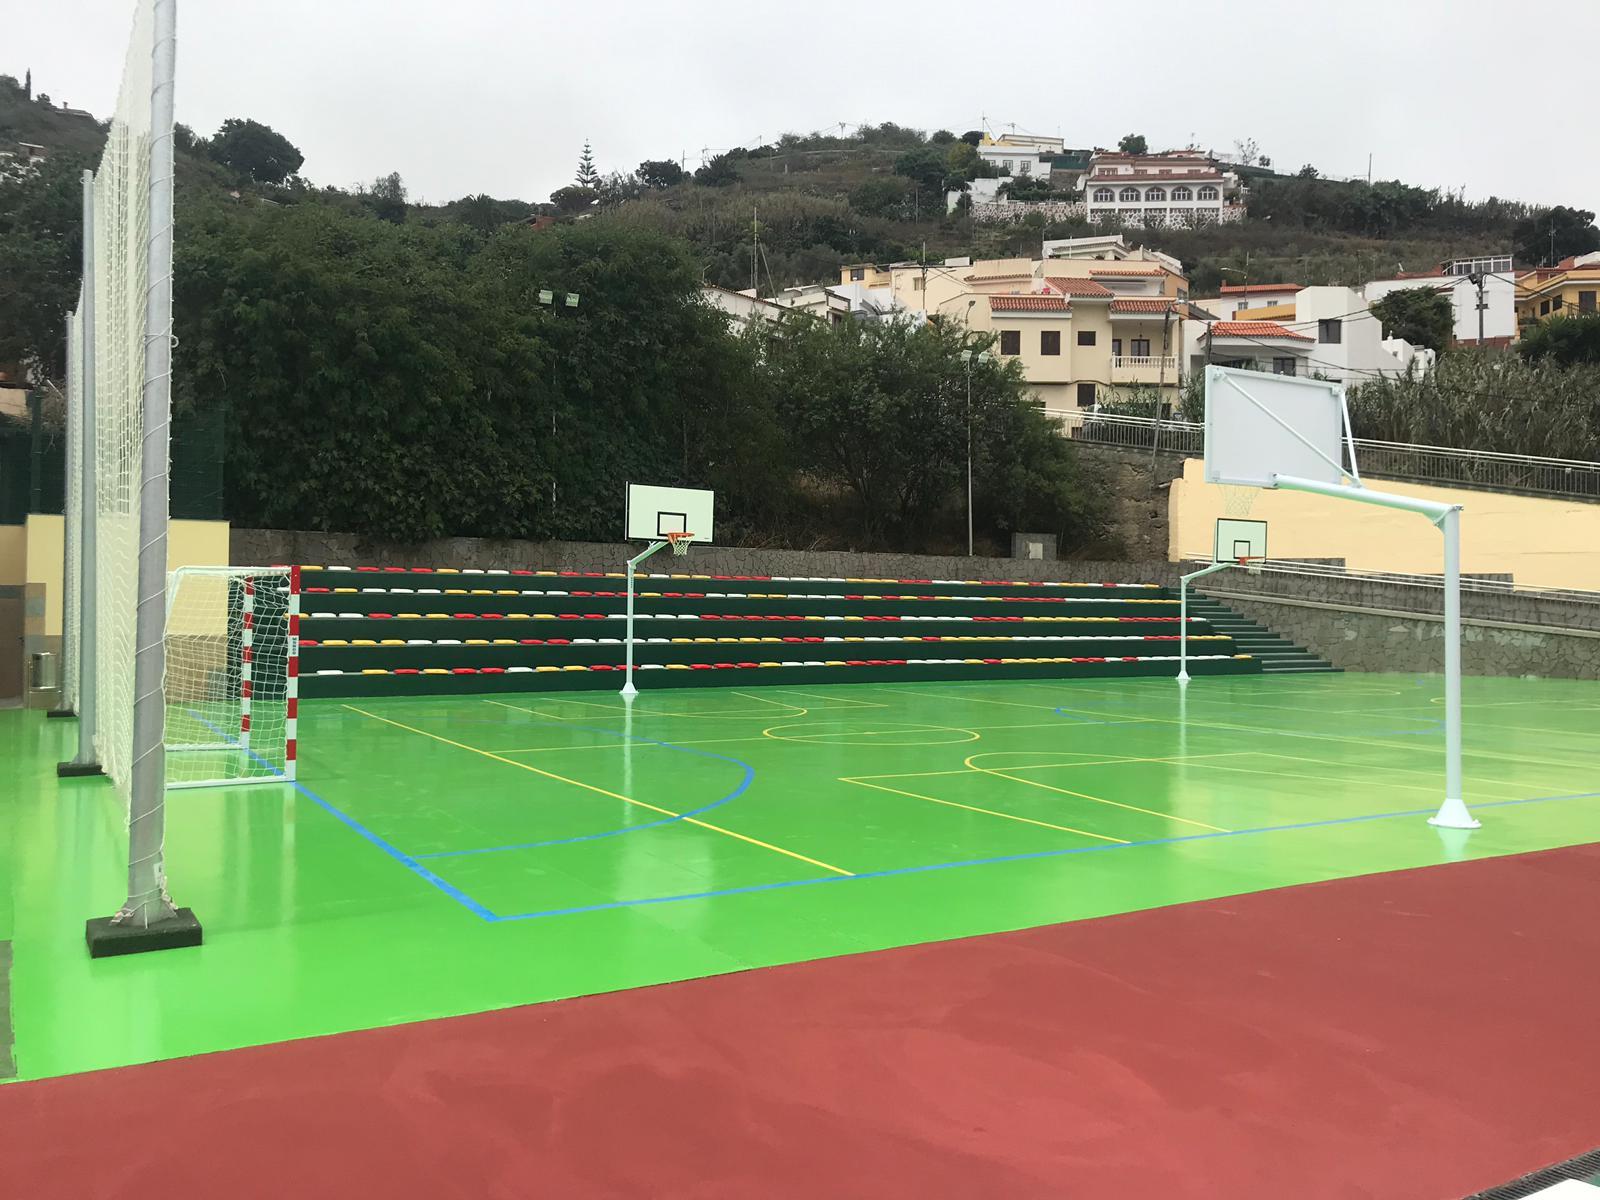 Opincan - Rehabilitación del parque urbano Manuel Verona, en Teror, Gran Canaria.